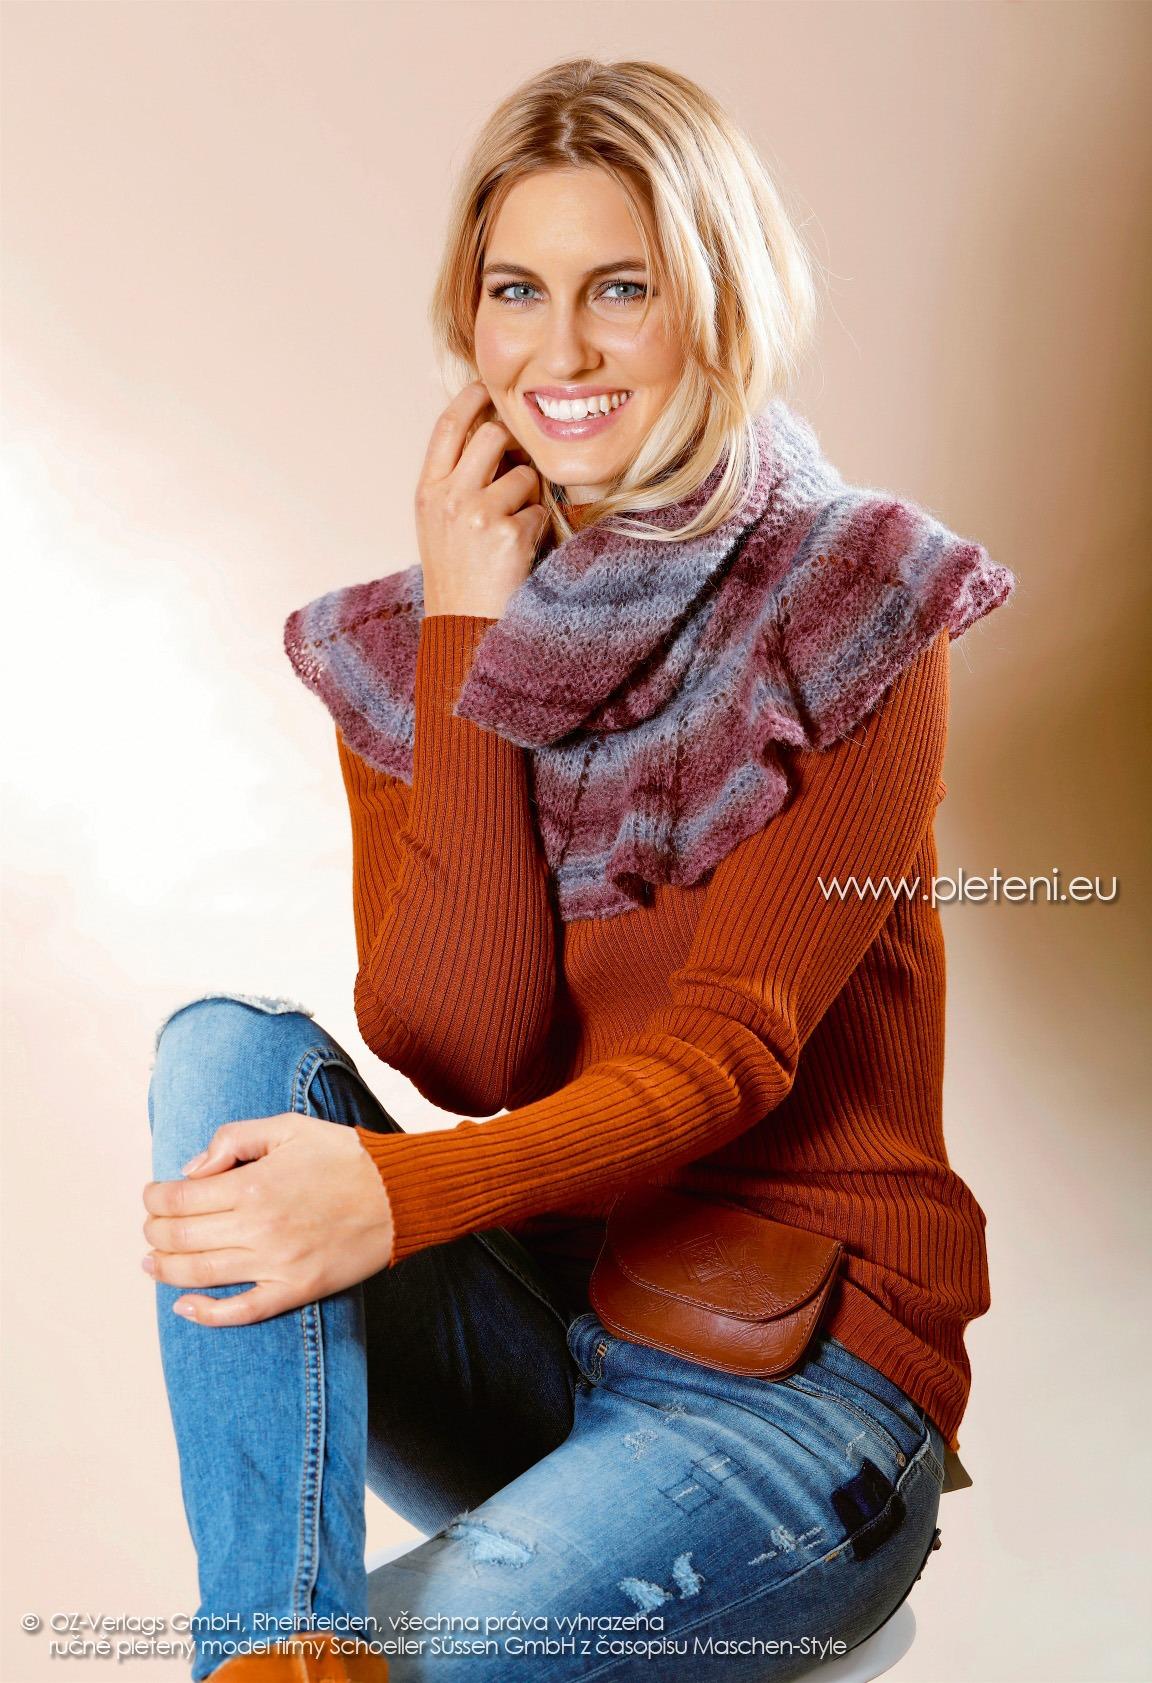 2017-2018 model 41 dámský pletený nákrčník z příze Allround firmy Schoeller